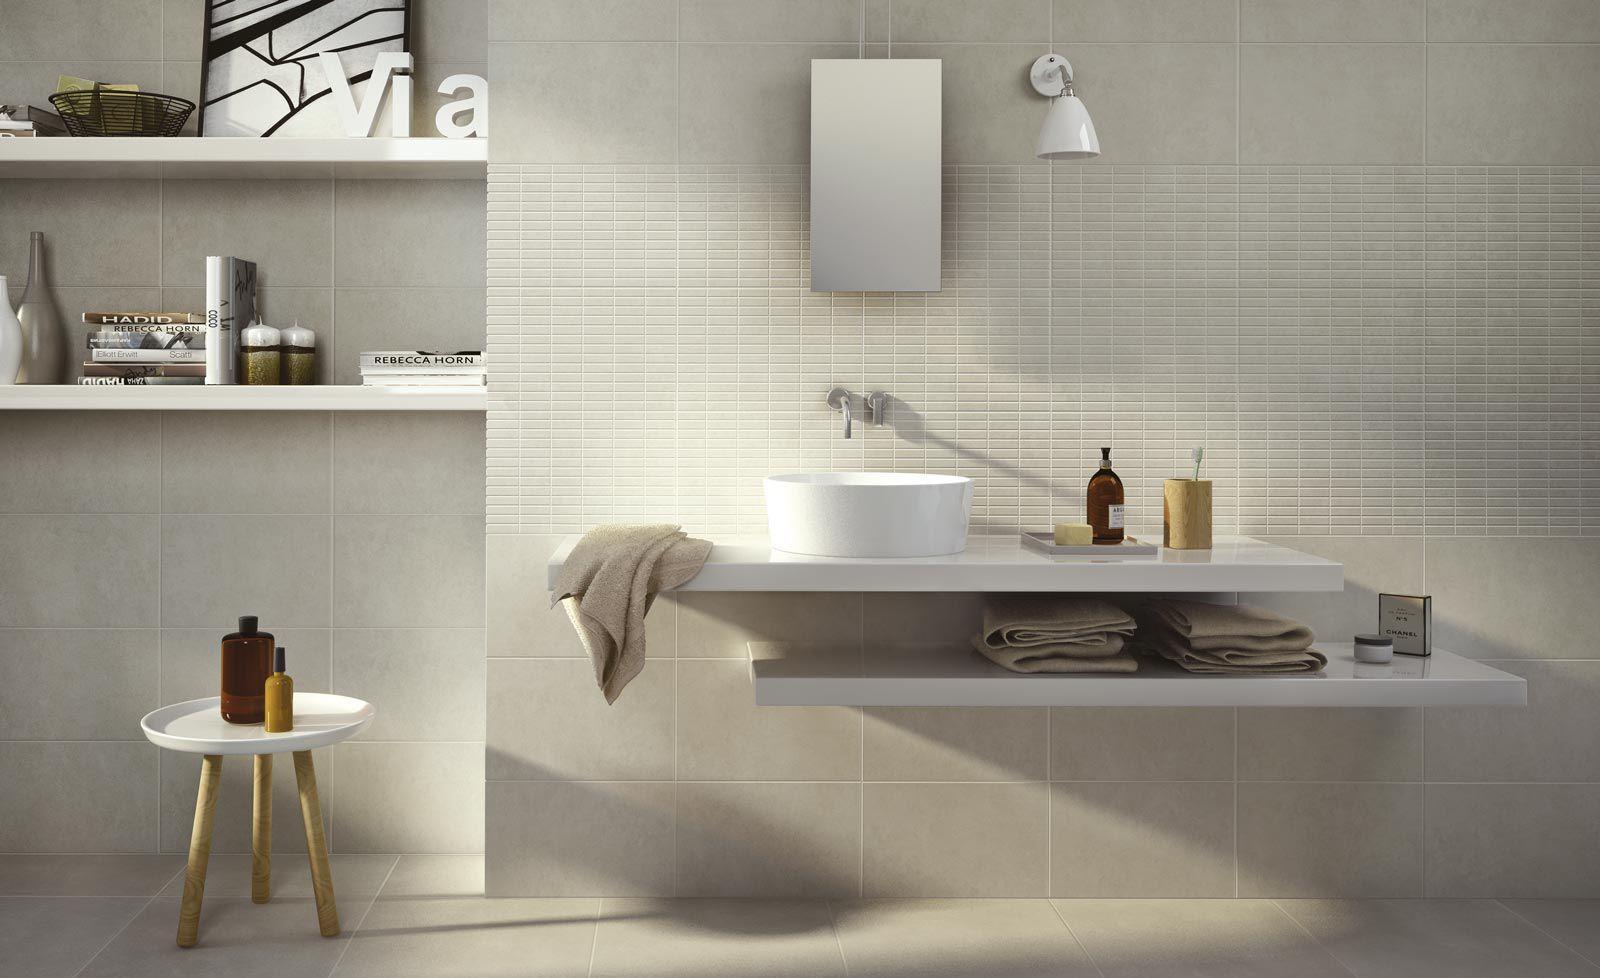 piastrella da bagno da cucina da parete in ceramica casablanca ragno